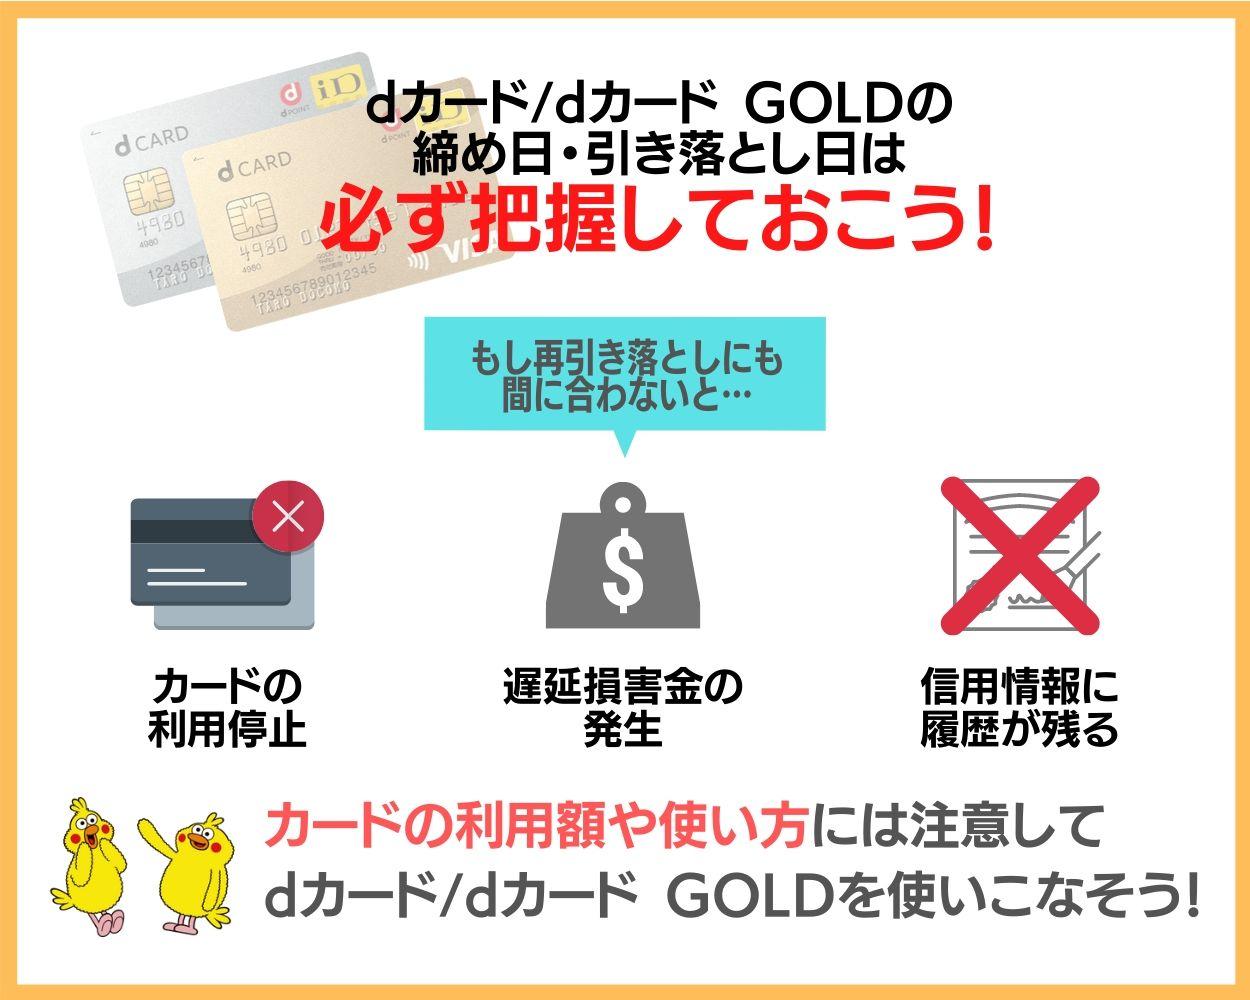 dカード・dカード GOLDの締め日・引き落とし日まとめ